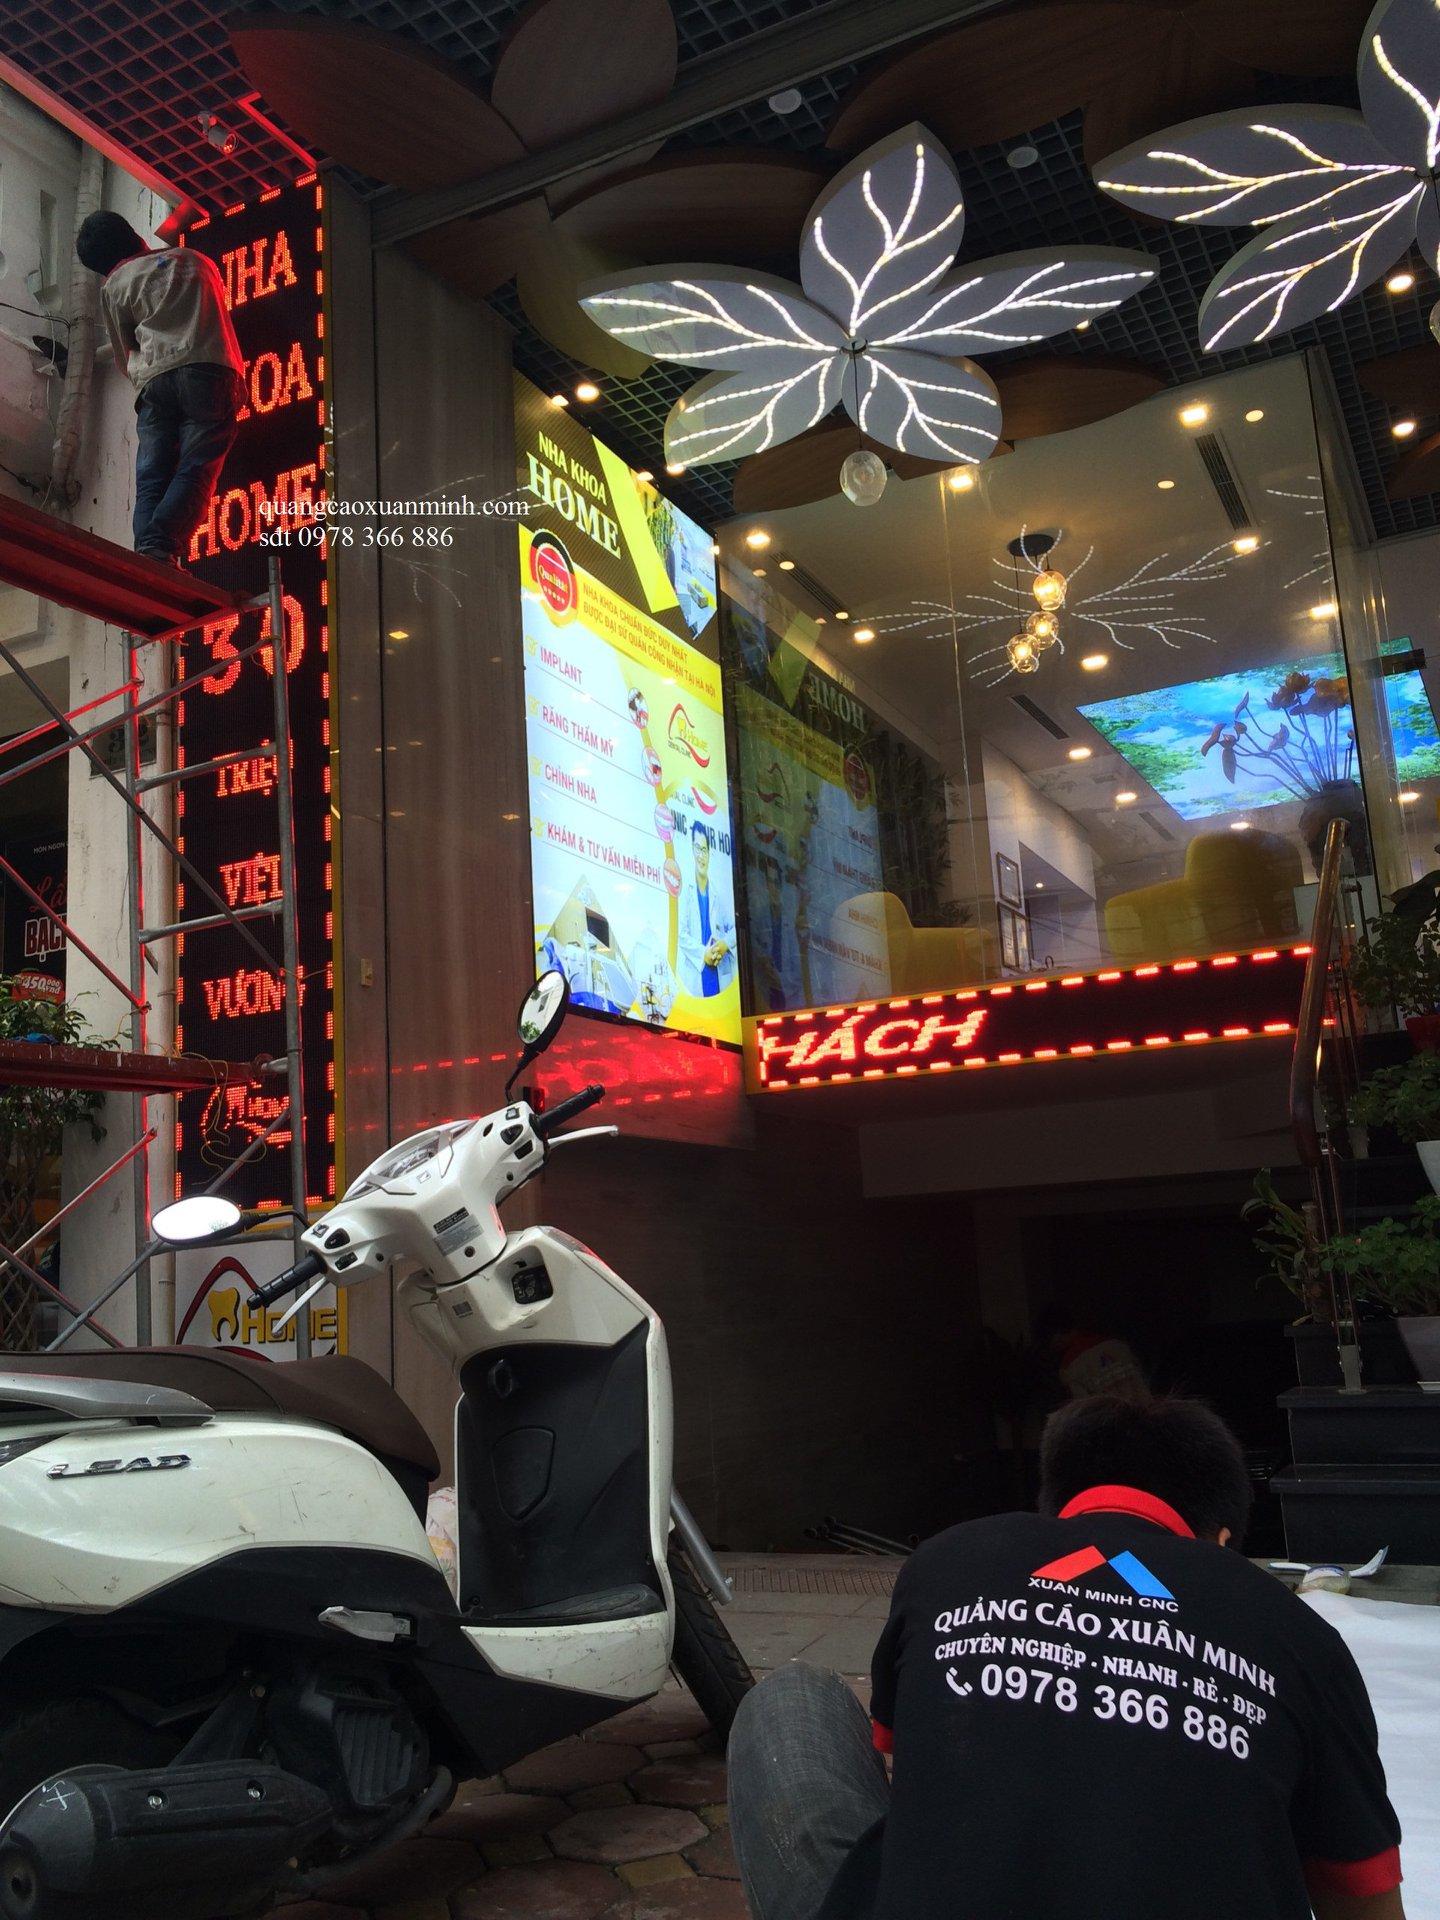 Làm biển led ma trận giá rẻ tại Triệu Việt Vương